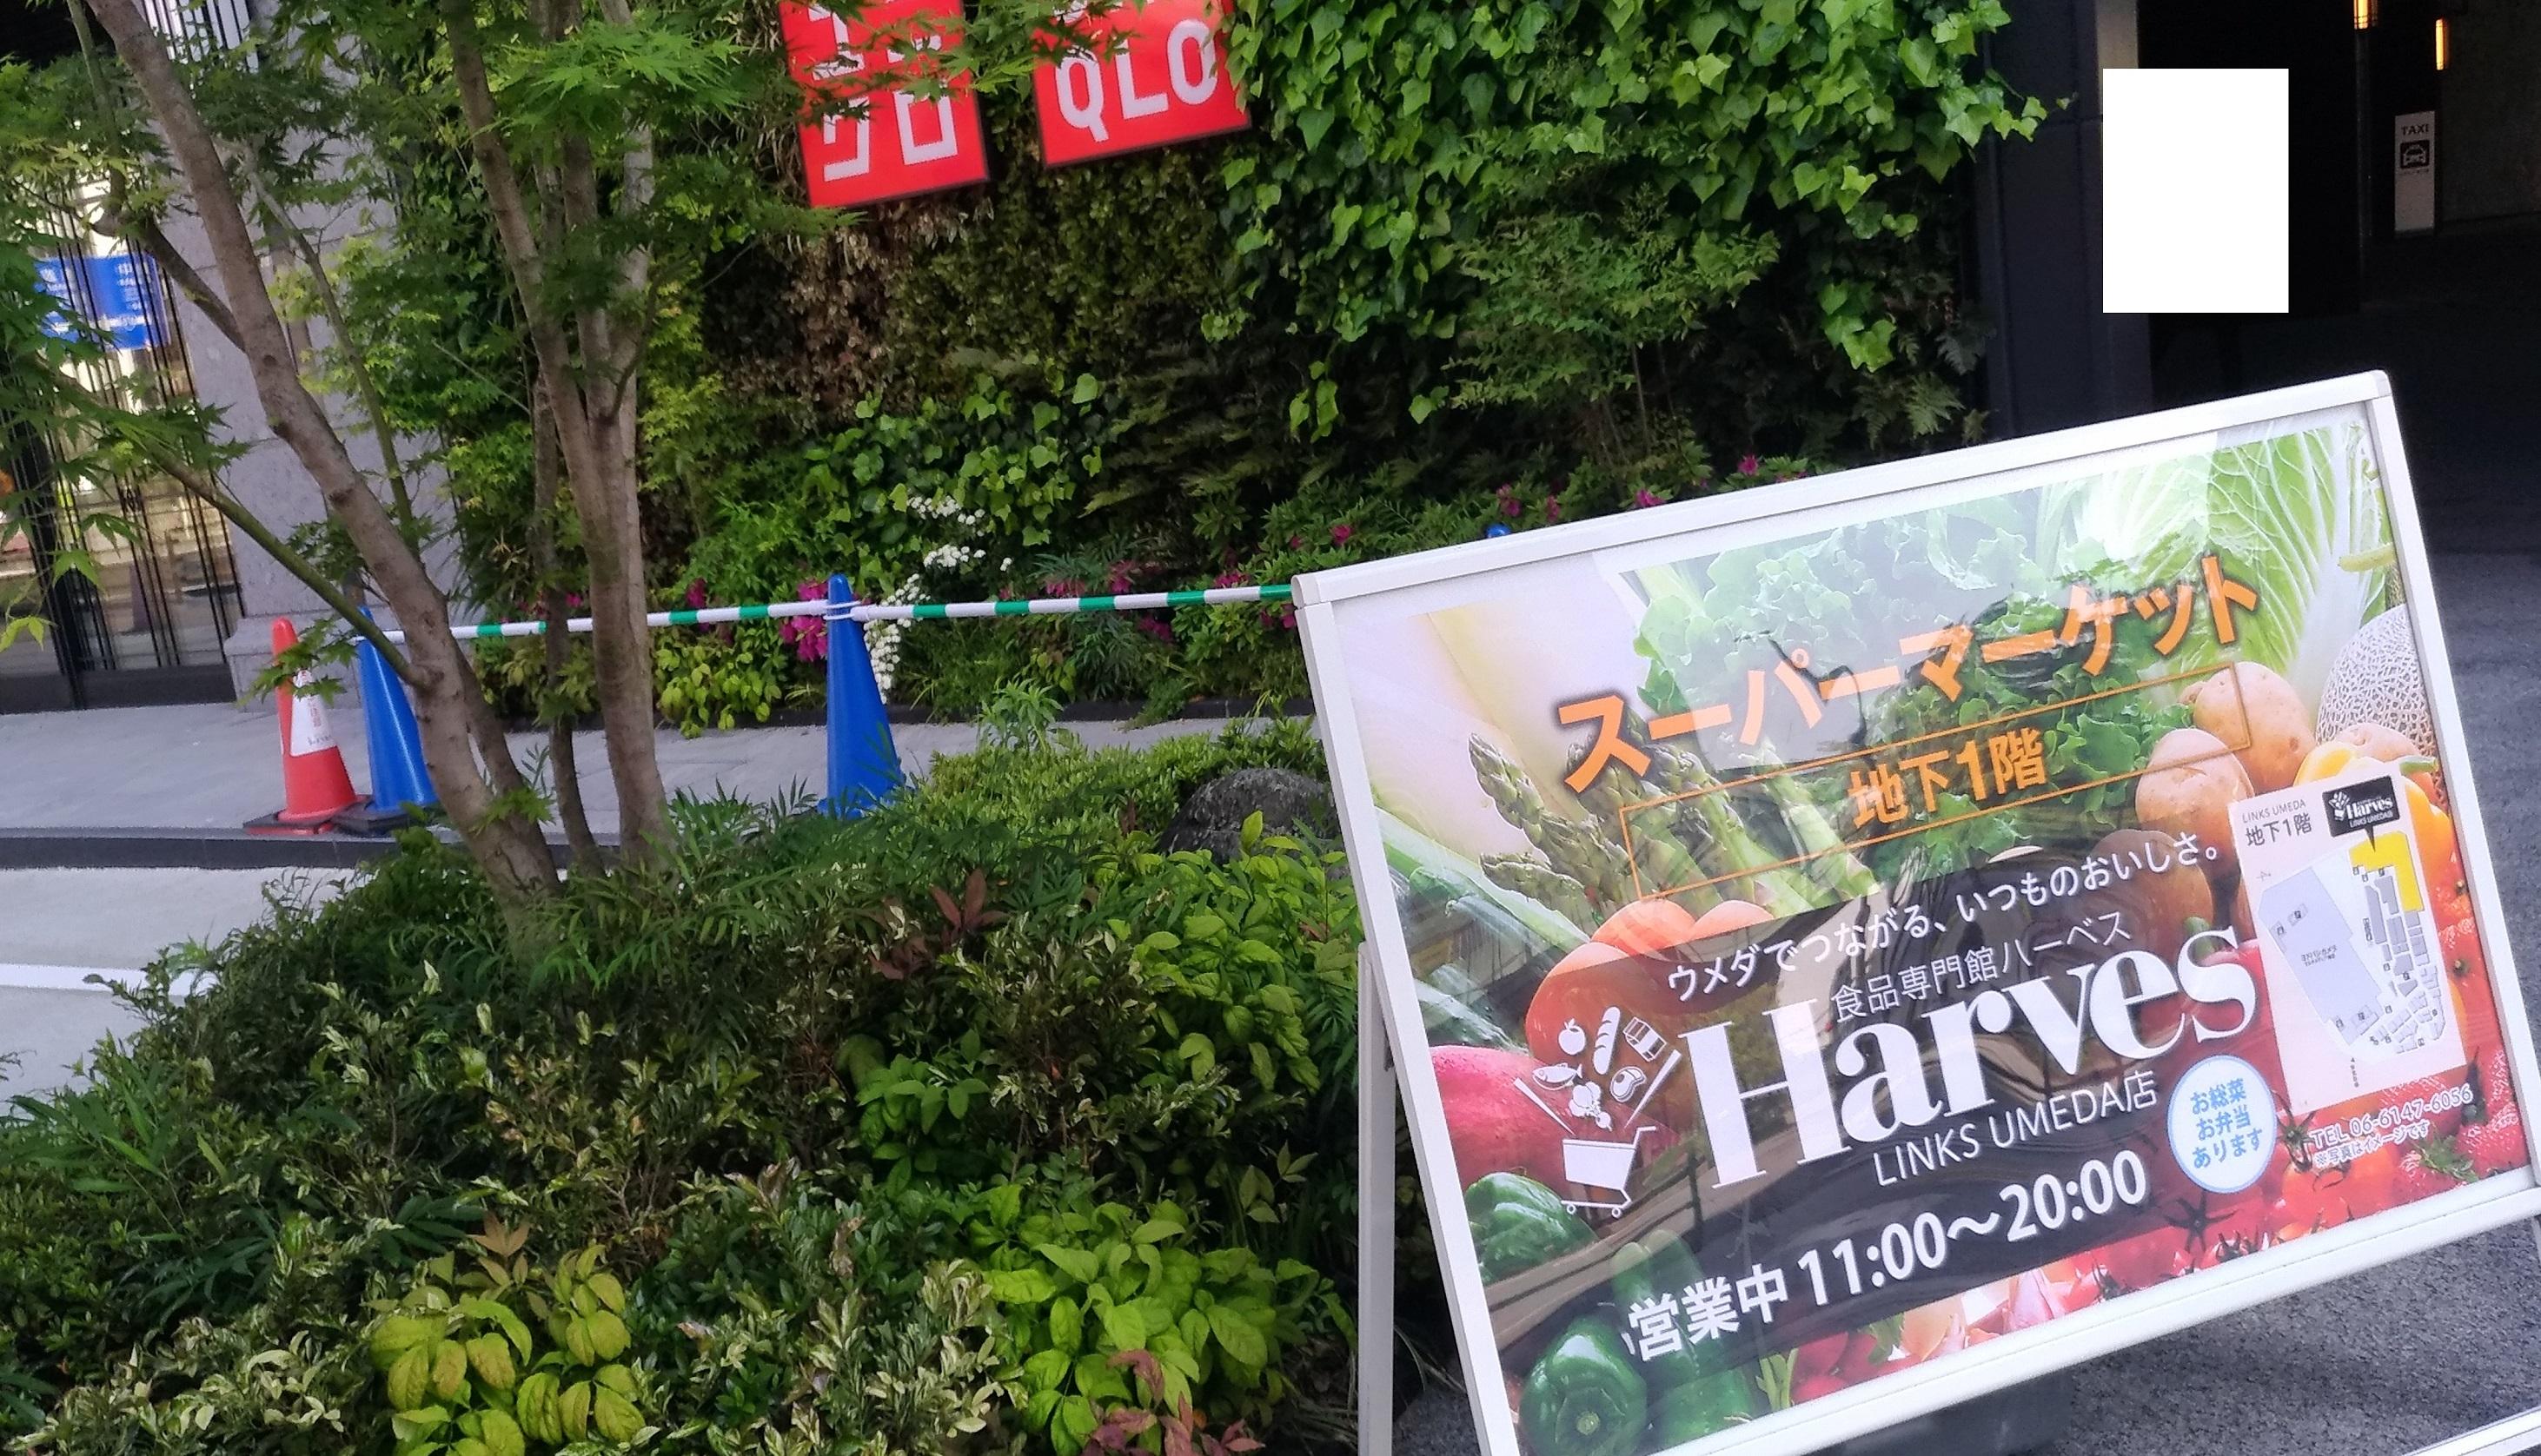 links_umeda_gw_0504_2.jpg